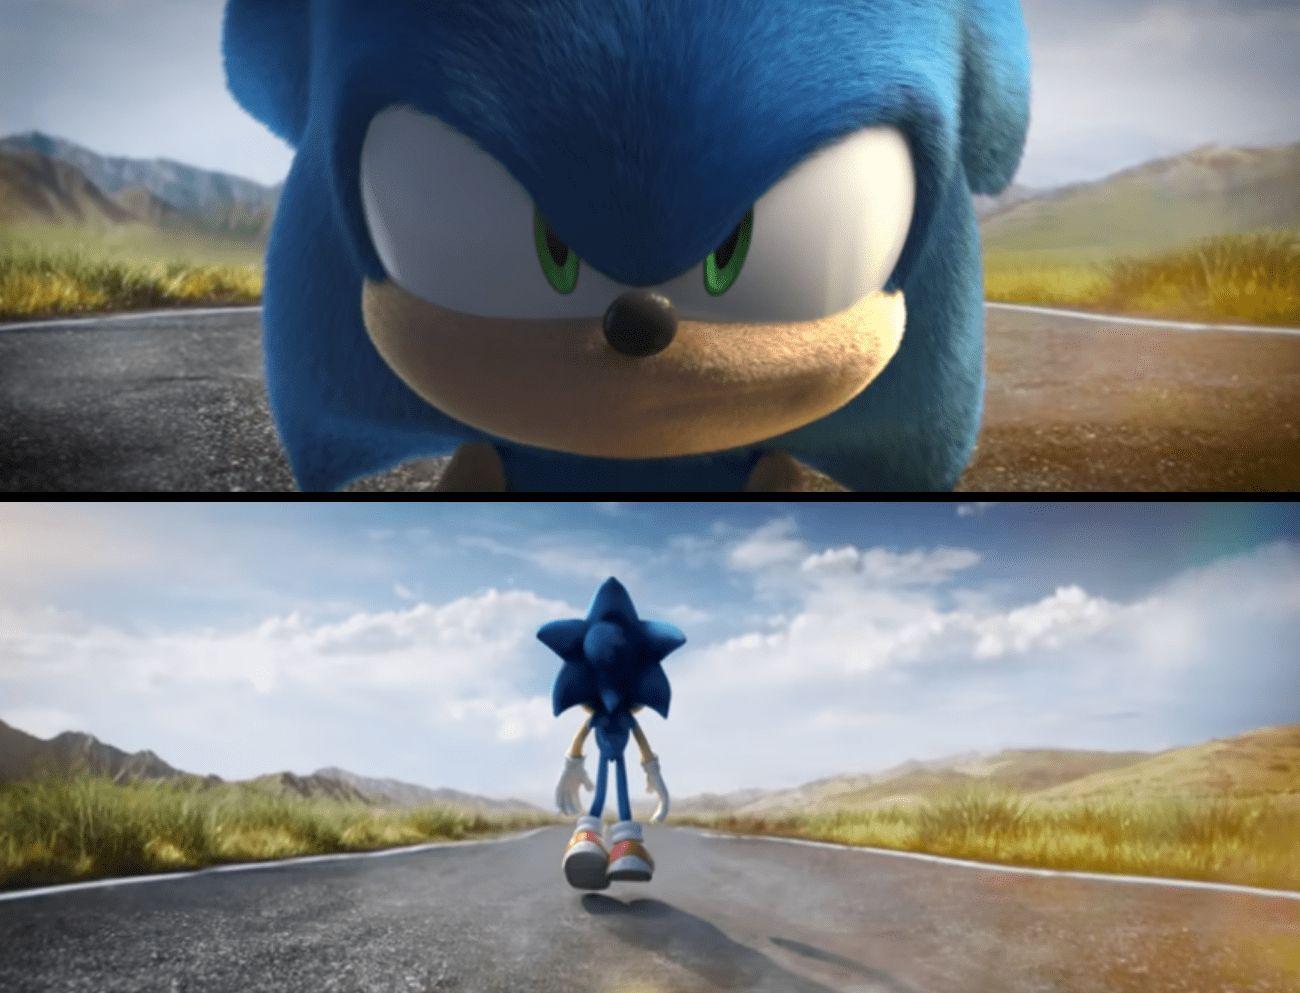 Ce fan refait la bande-annonce (ratée) du film Sonic